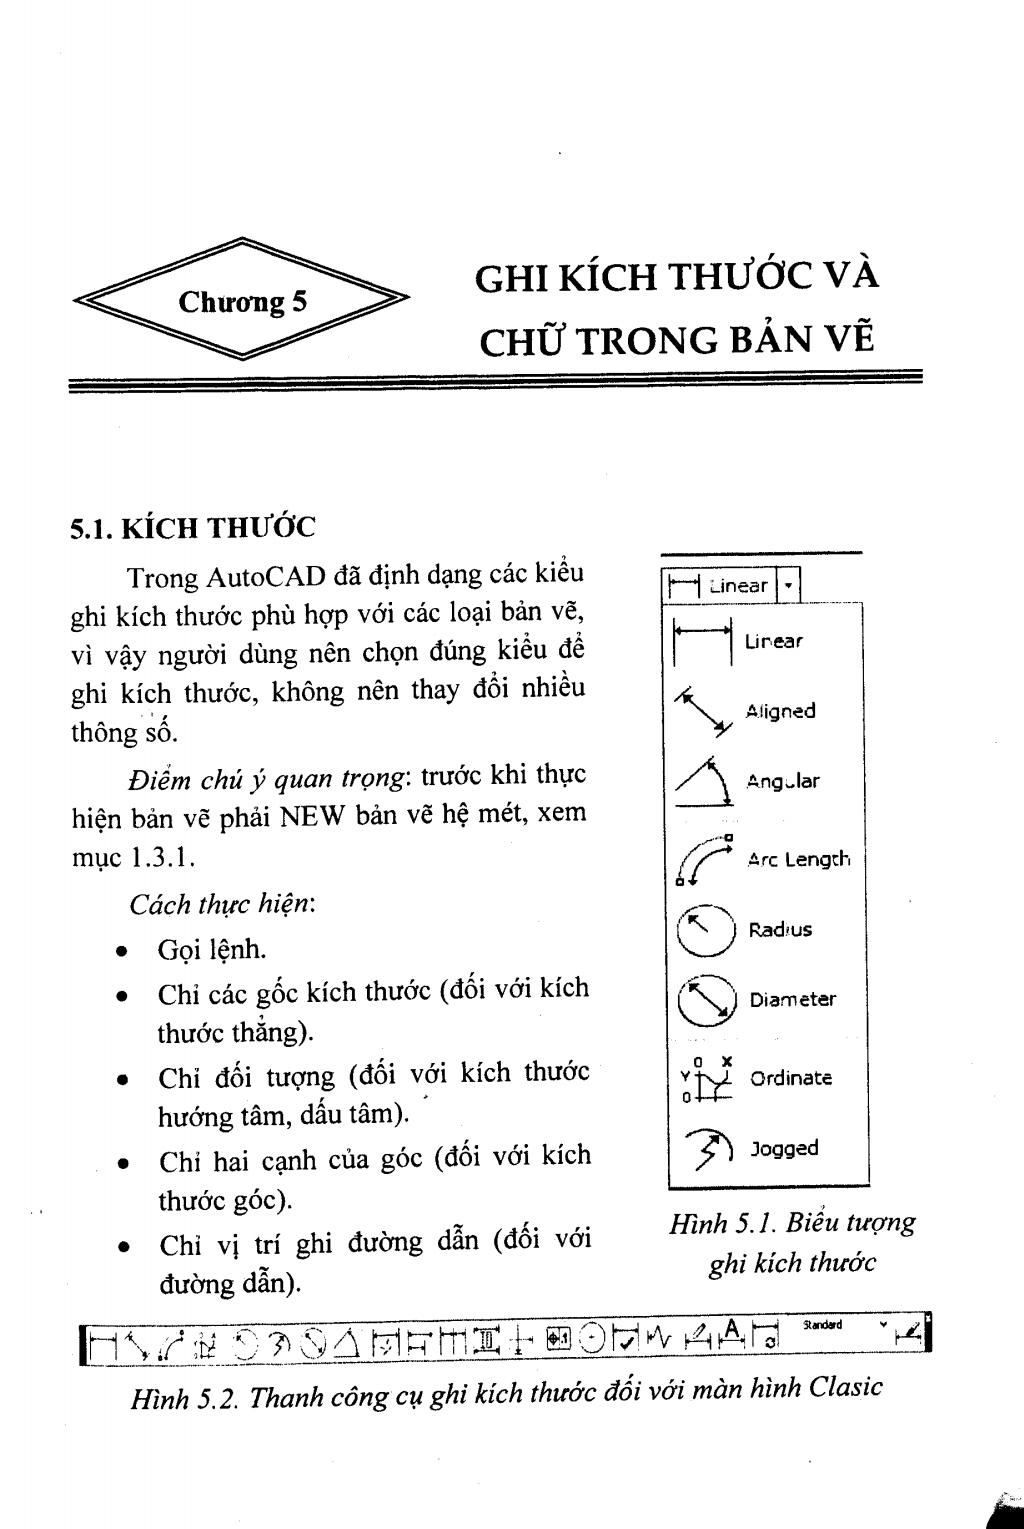 Giáo trình Lý thuyết và thực hành Vẽ trên máy tính AutoCAD 2011: Phần 2